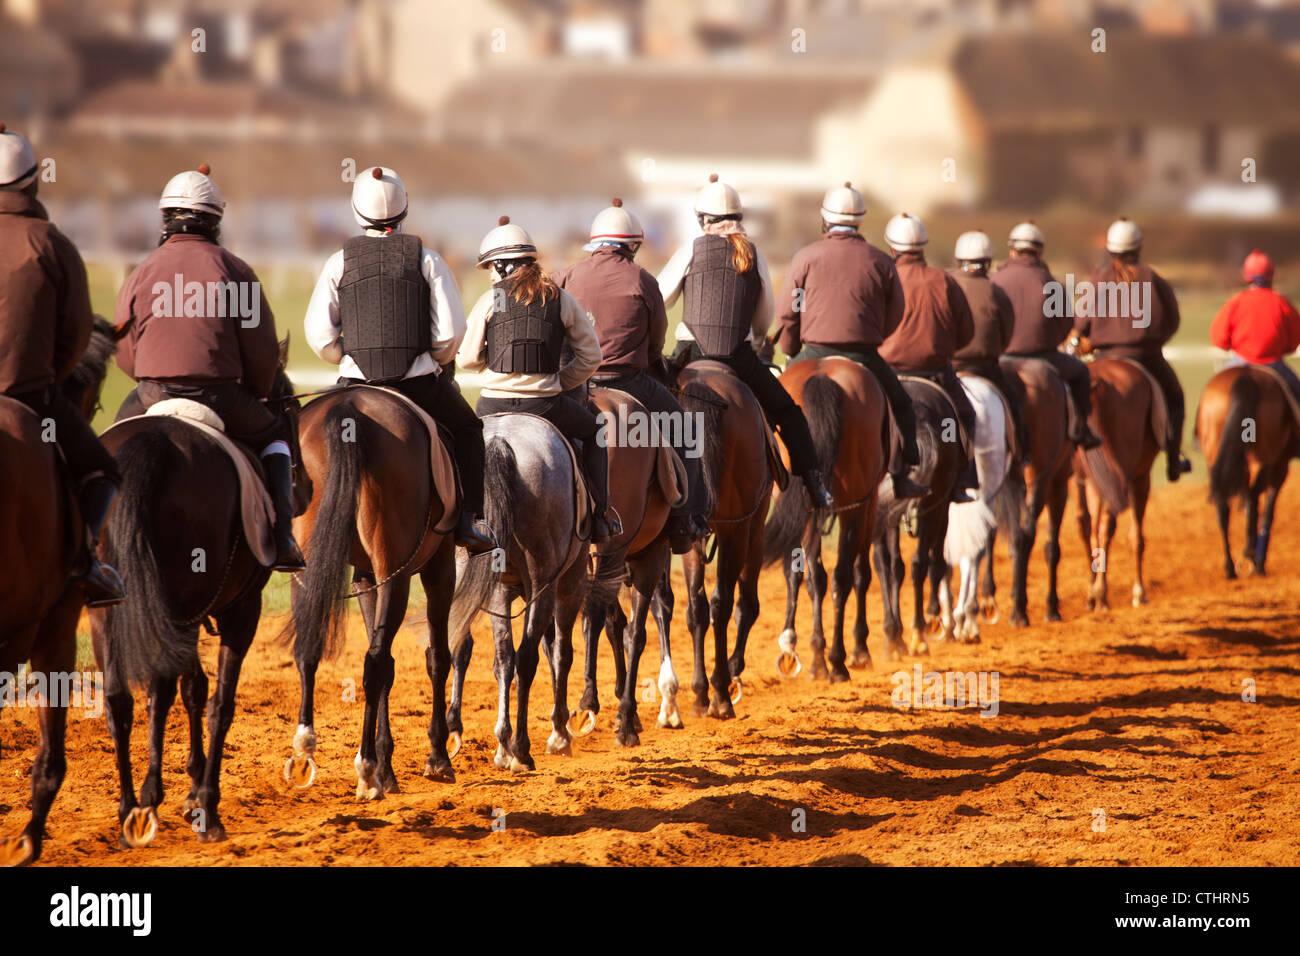 Une chaîne de chevaux de passage, retour à la ligne de départ dans la formation Photo Stock